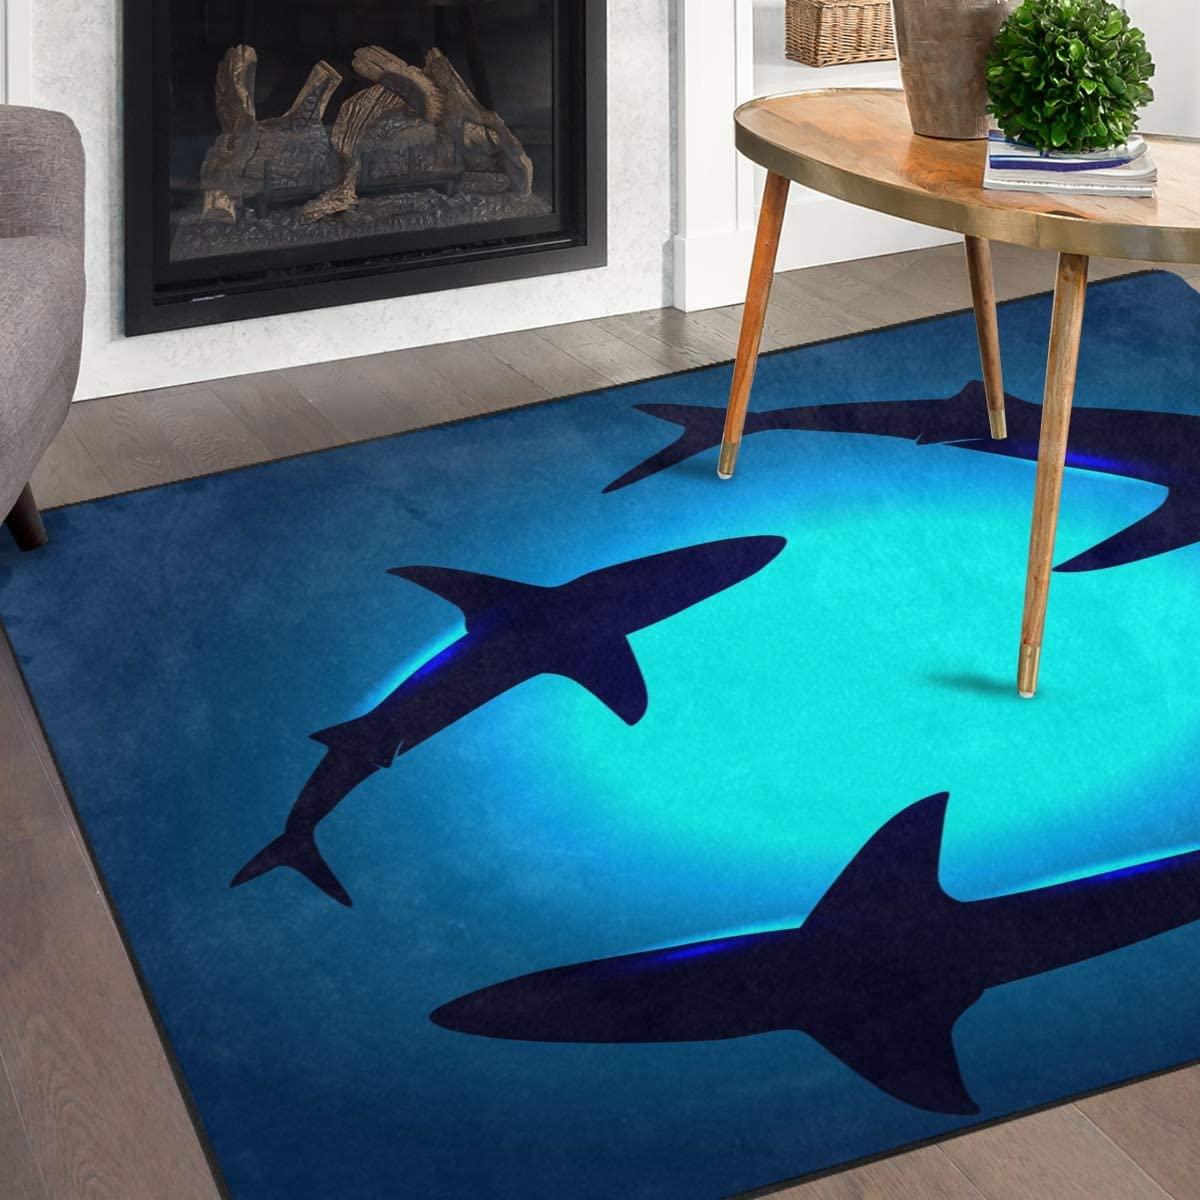 Naanle Ocean Animal Sharks Non Slip Area Rug for Living Dinning Room Bedroom Kitchen, 5' x 7'(58 x 80 Inches), Shark Nursery Rug Floor Carpet Yoga Mat